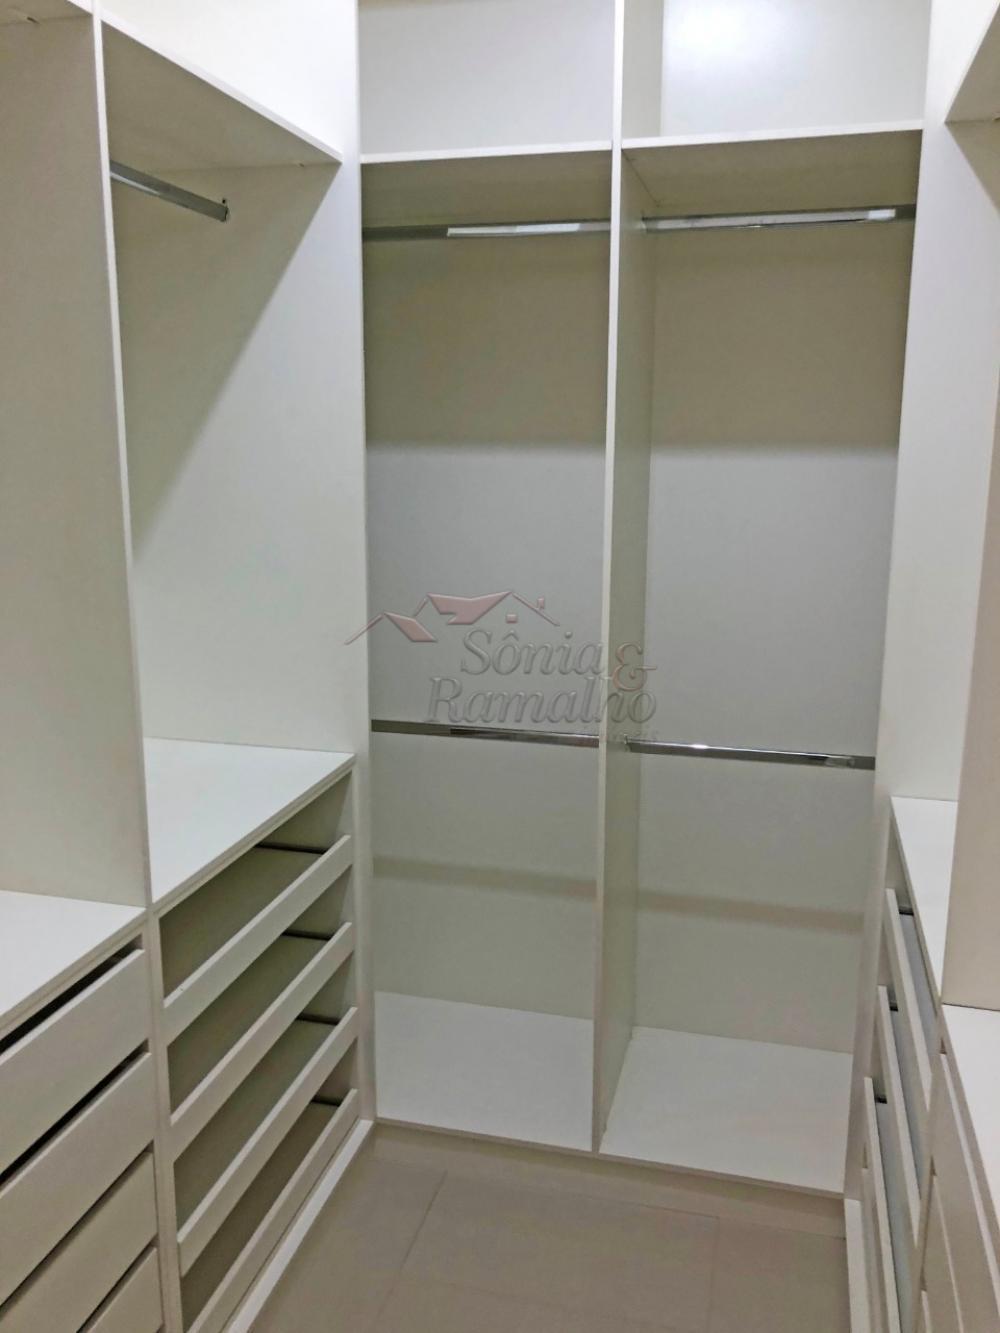 Comprar Casas / Condomínio em Ribeirão Preto apenas R$ 690.000,00 - Foto 35